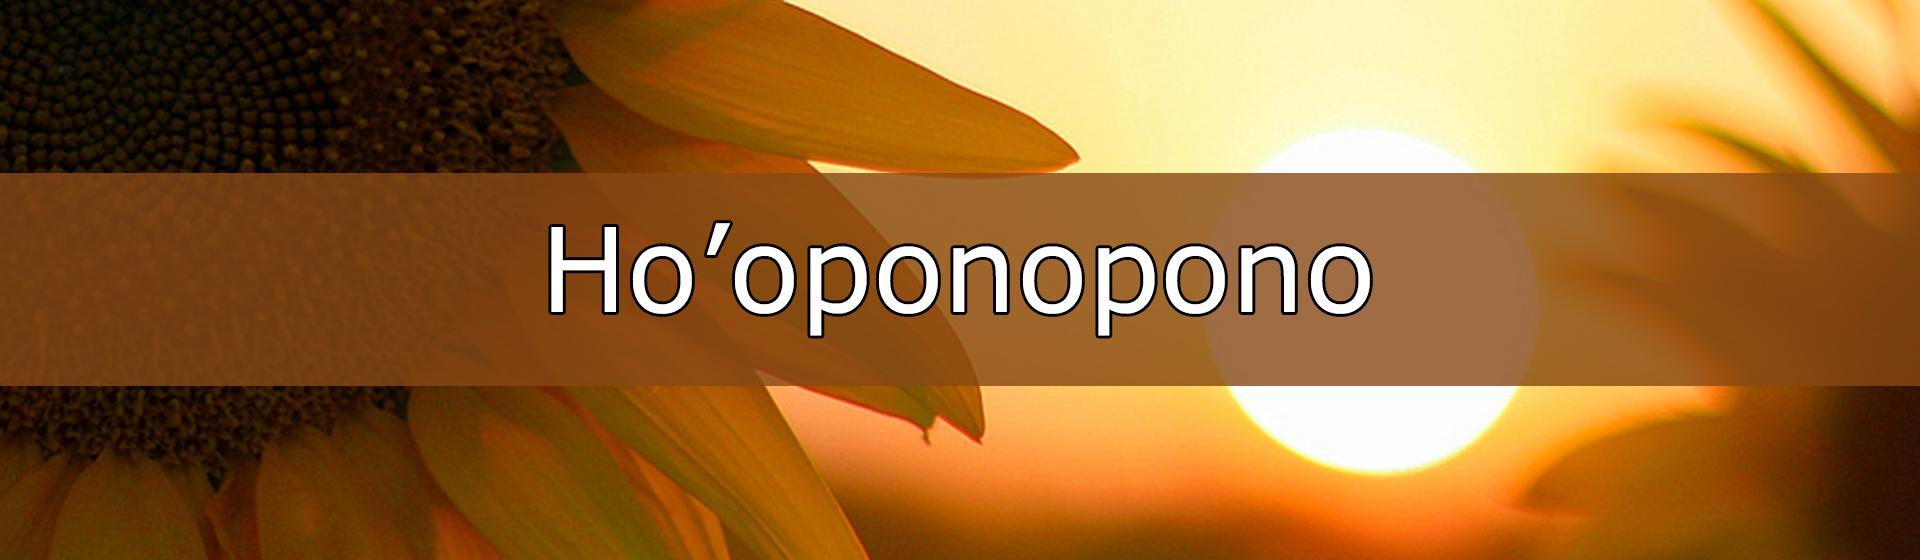 Hopono%201920